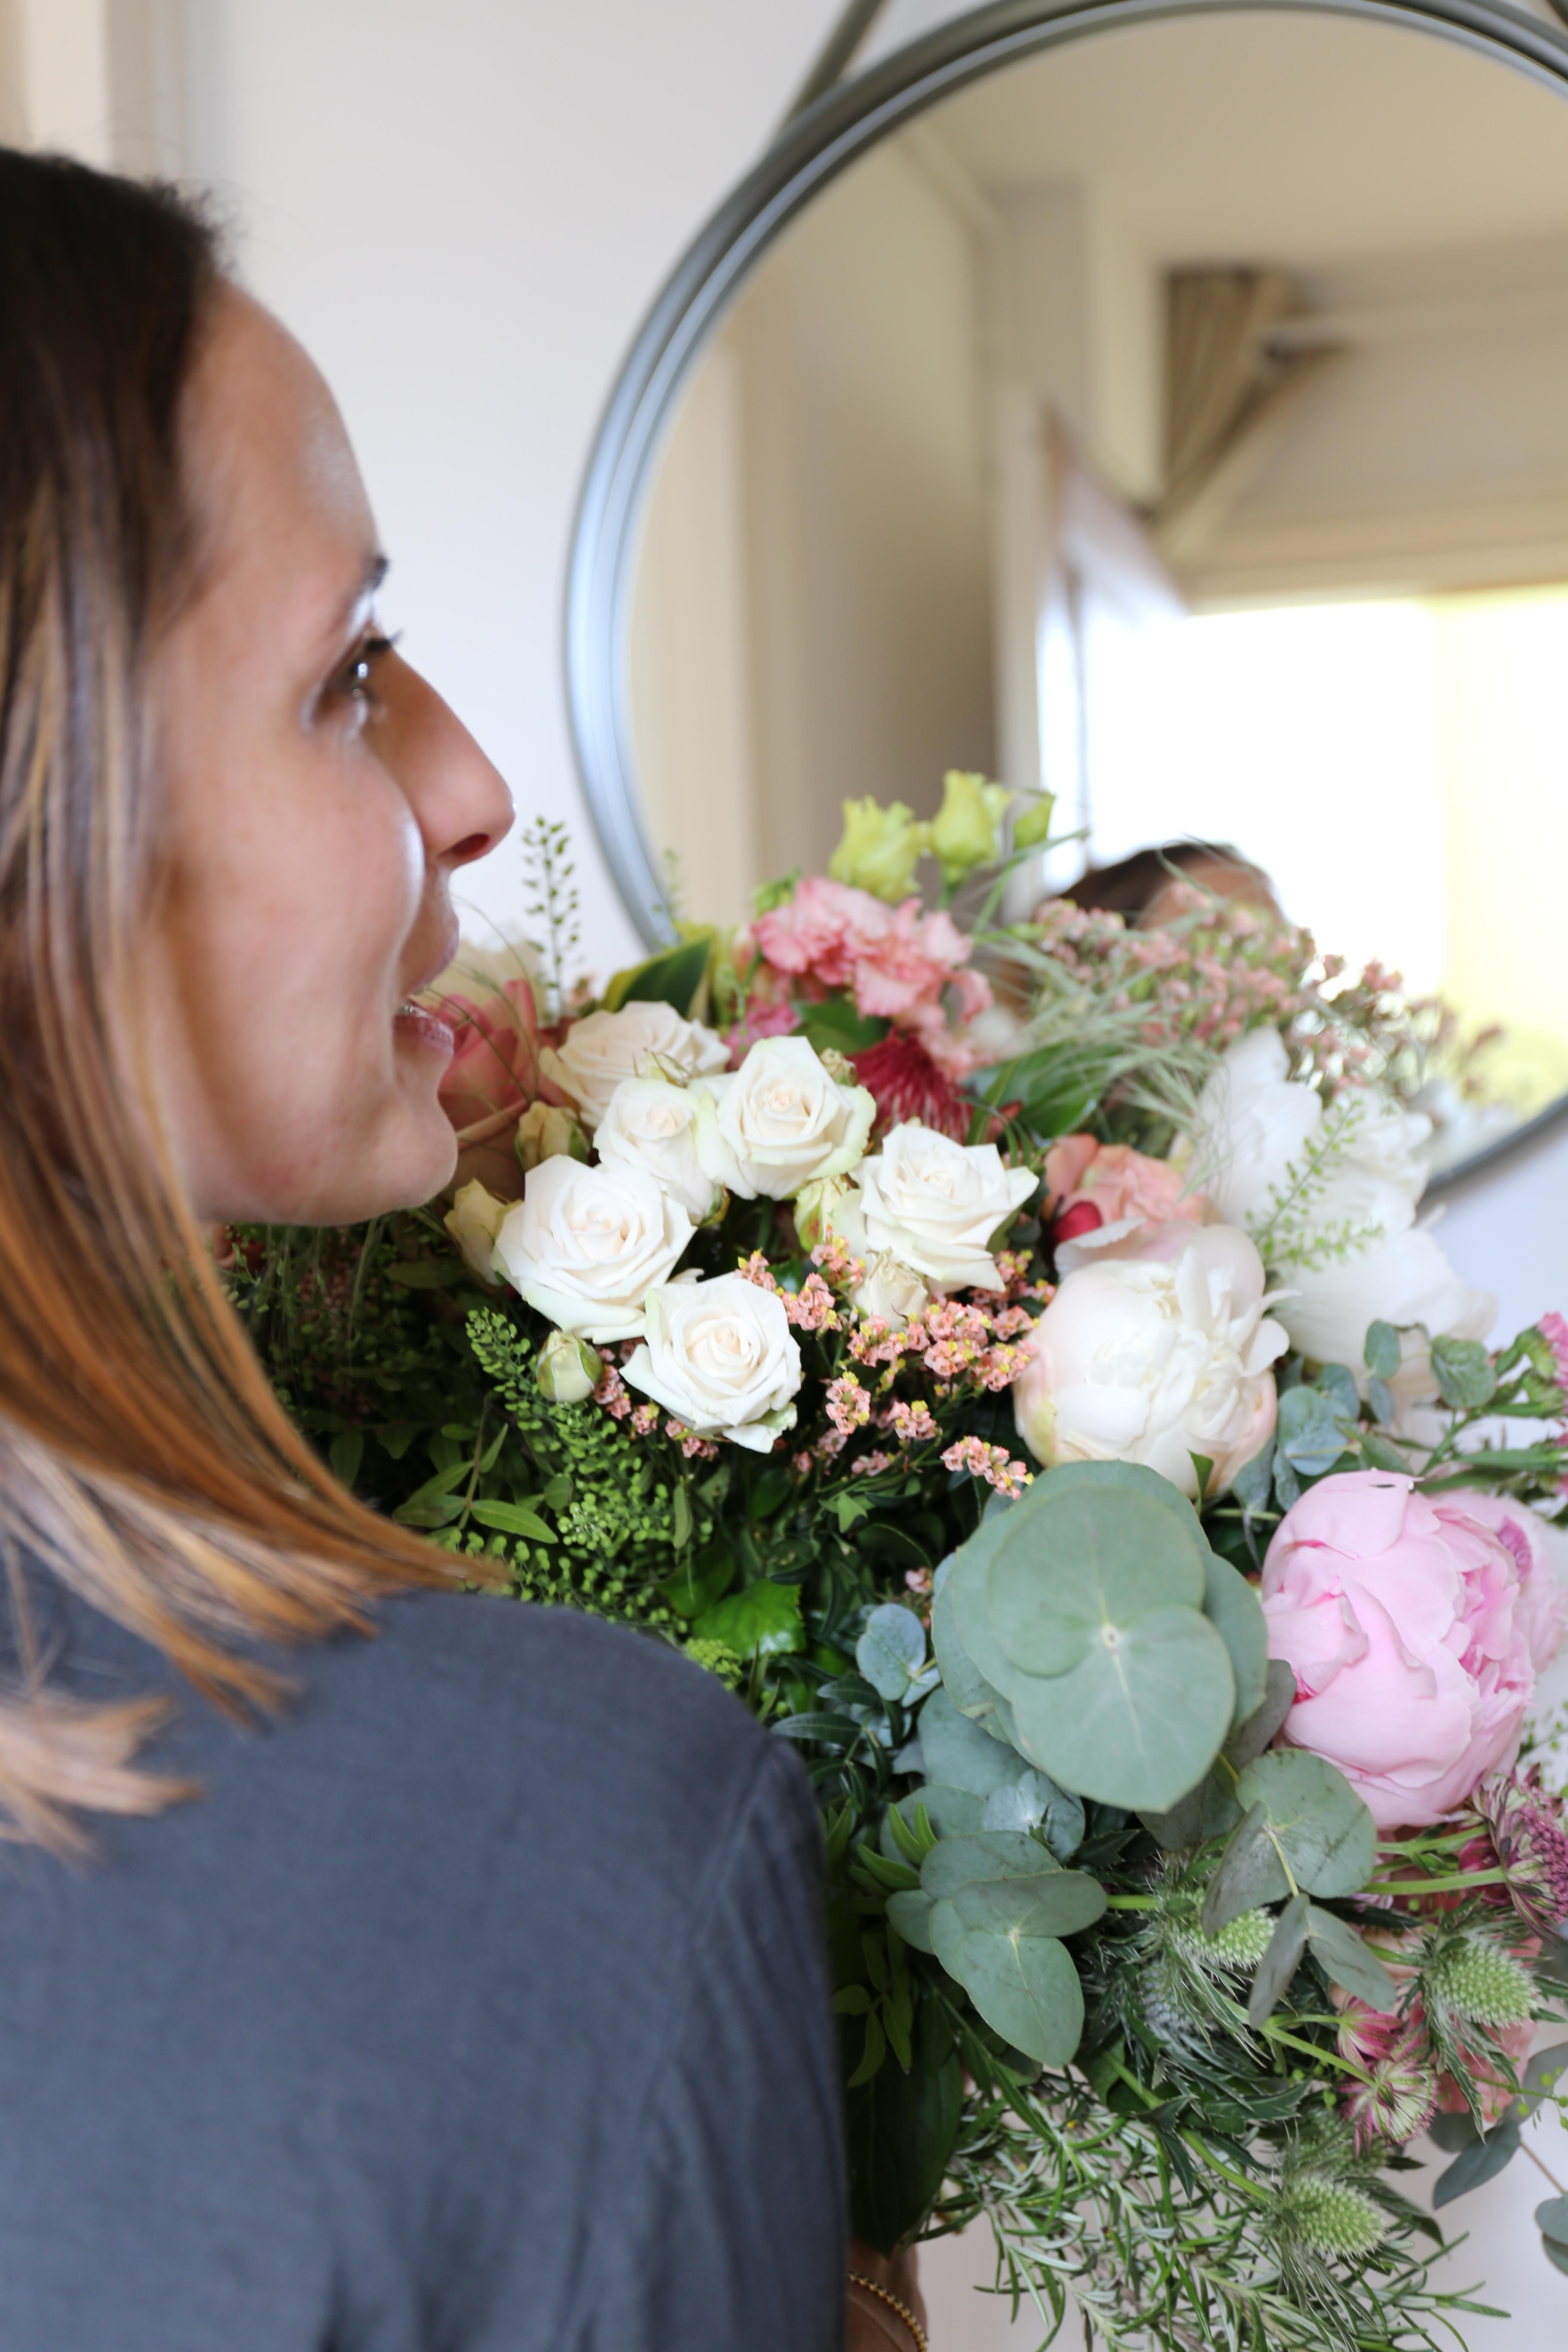 Marine Leroy Community Manager Flower